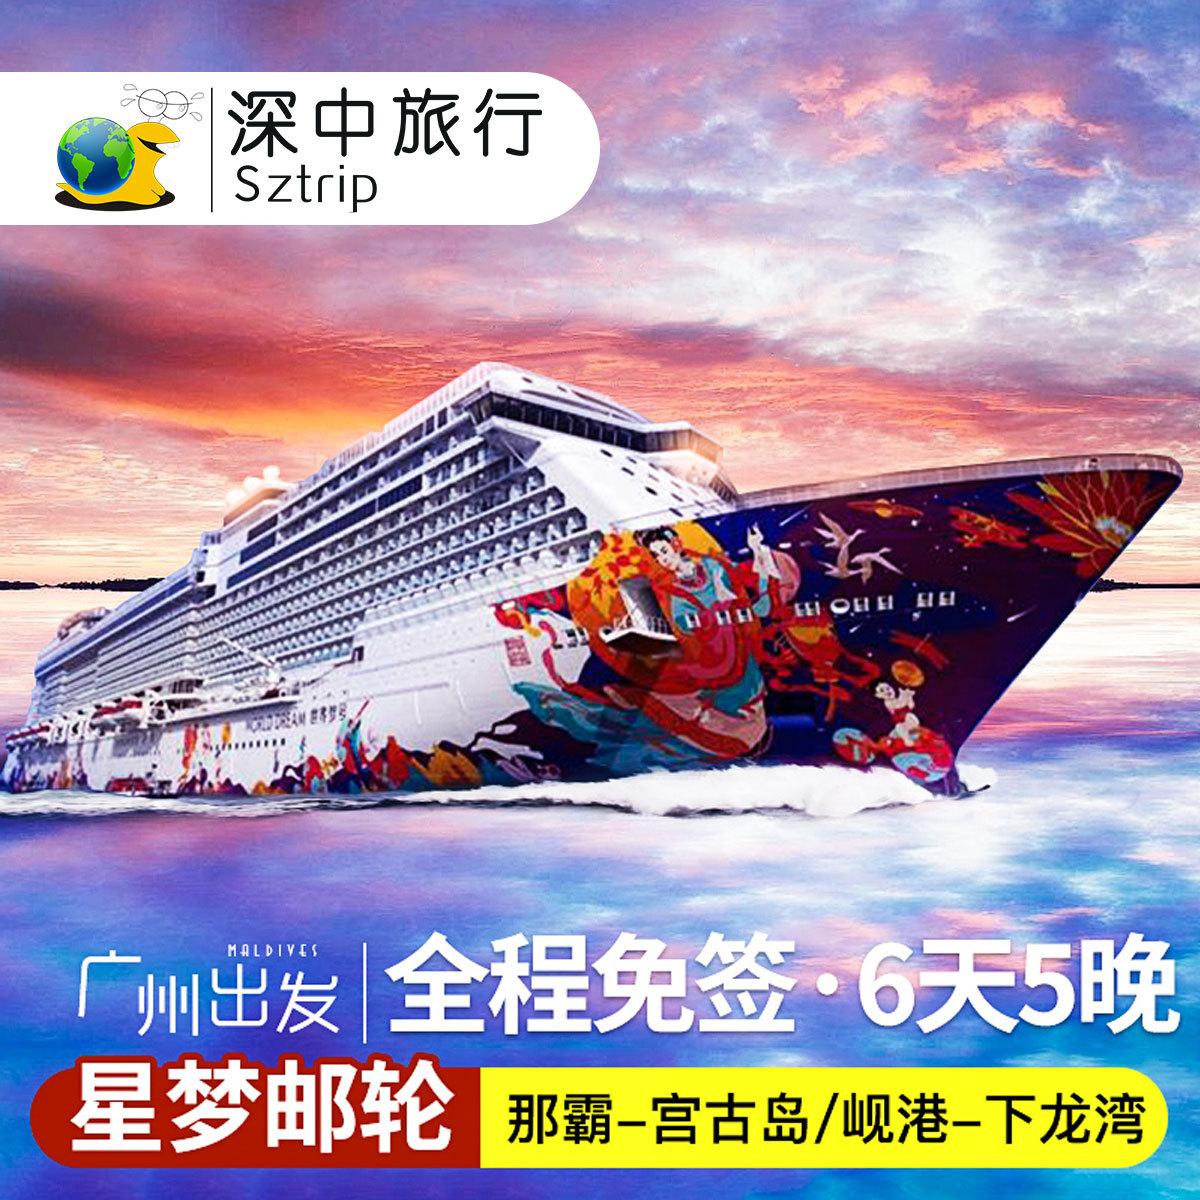 星梦邮轮世界梦号旅游广州出发越南